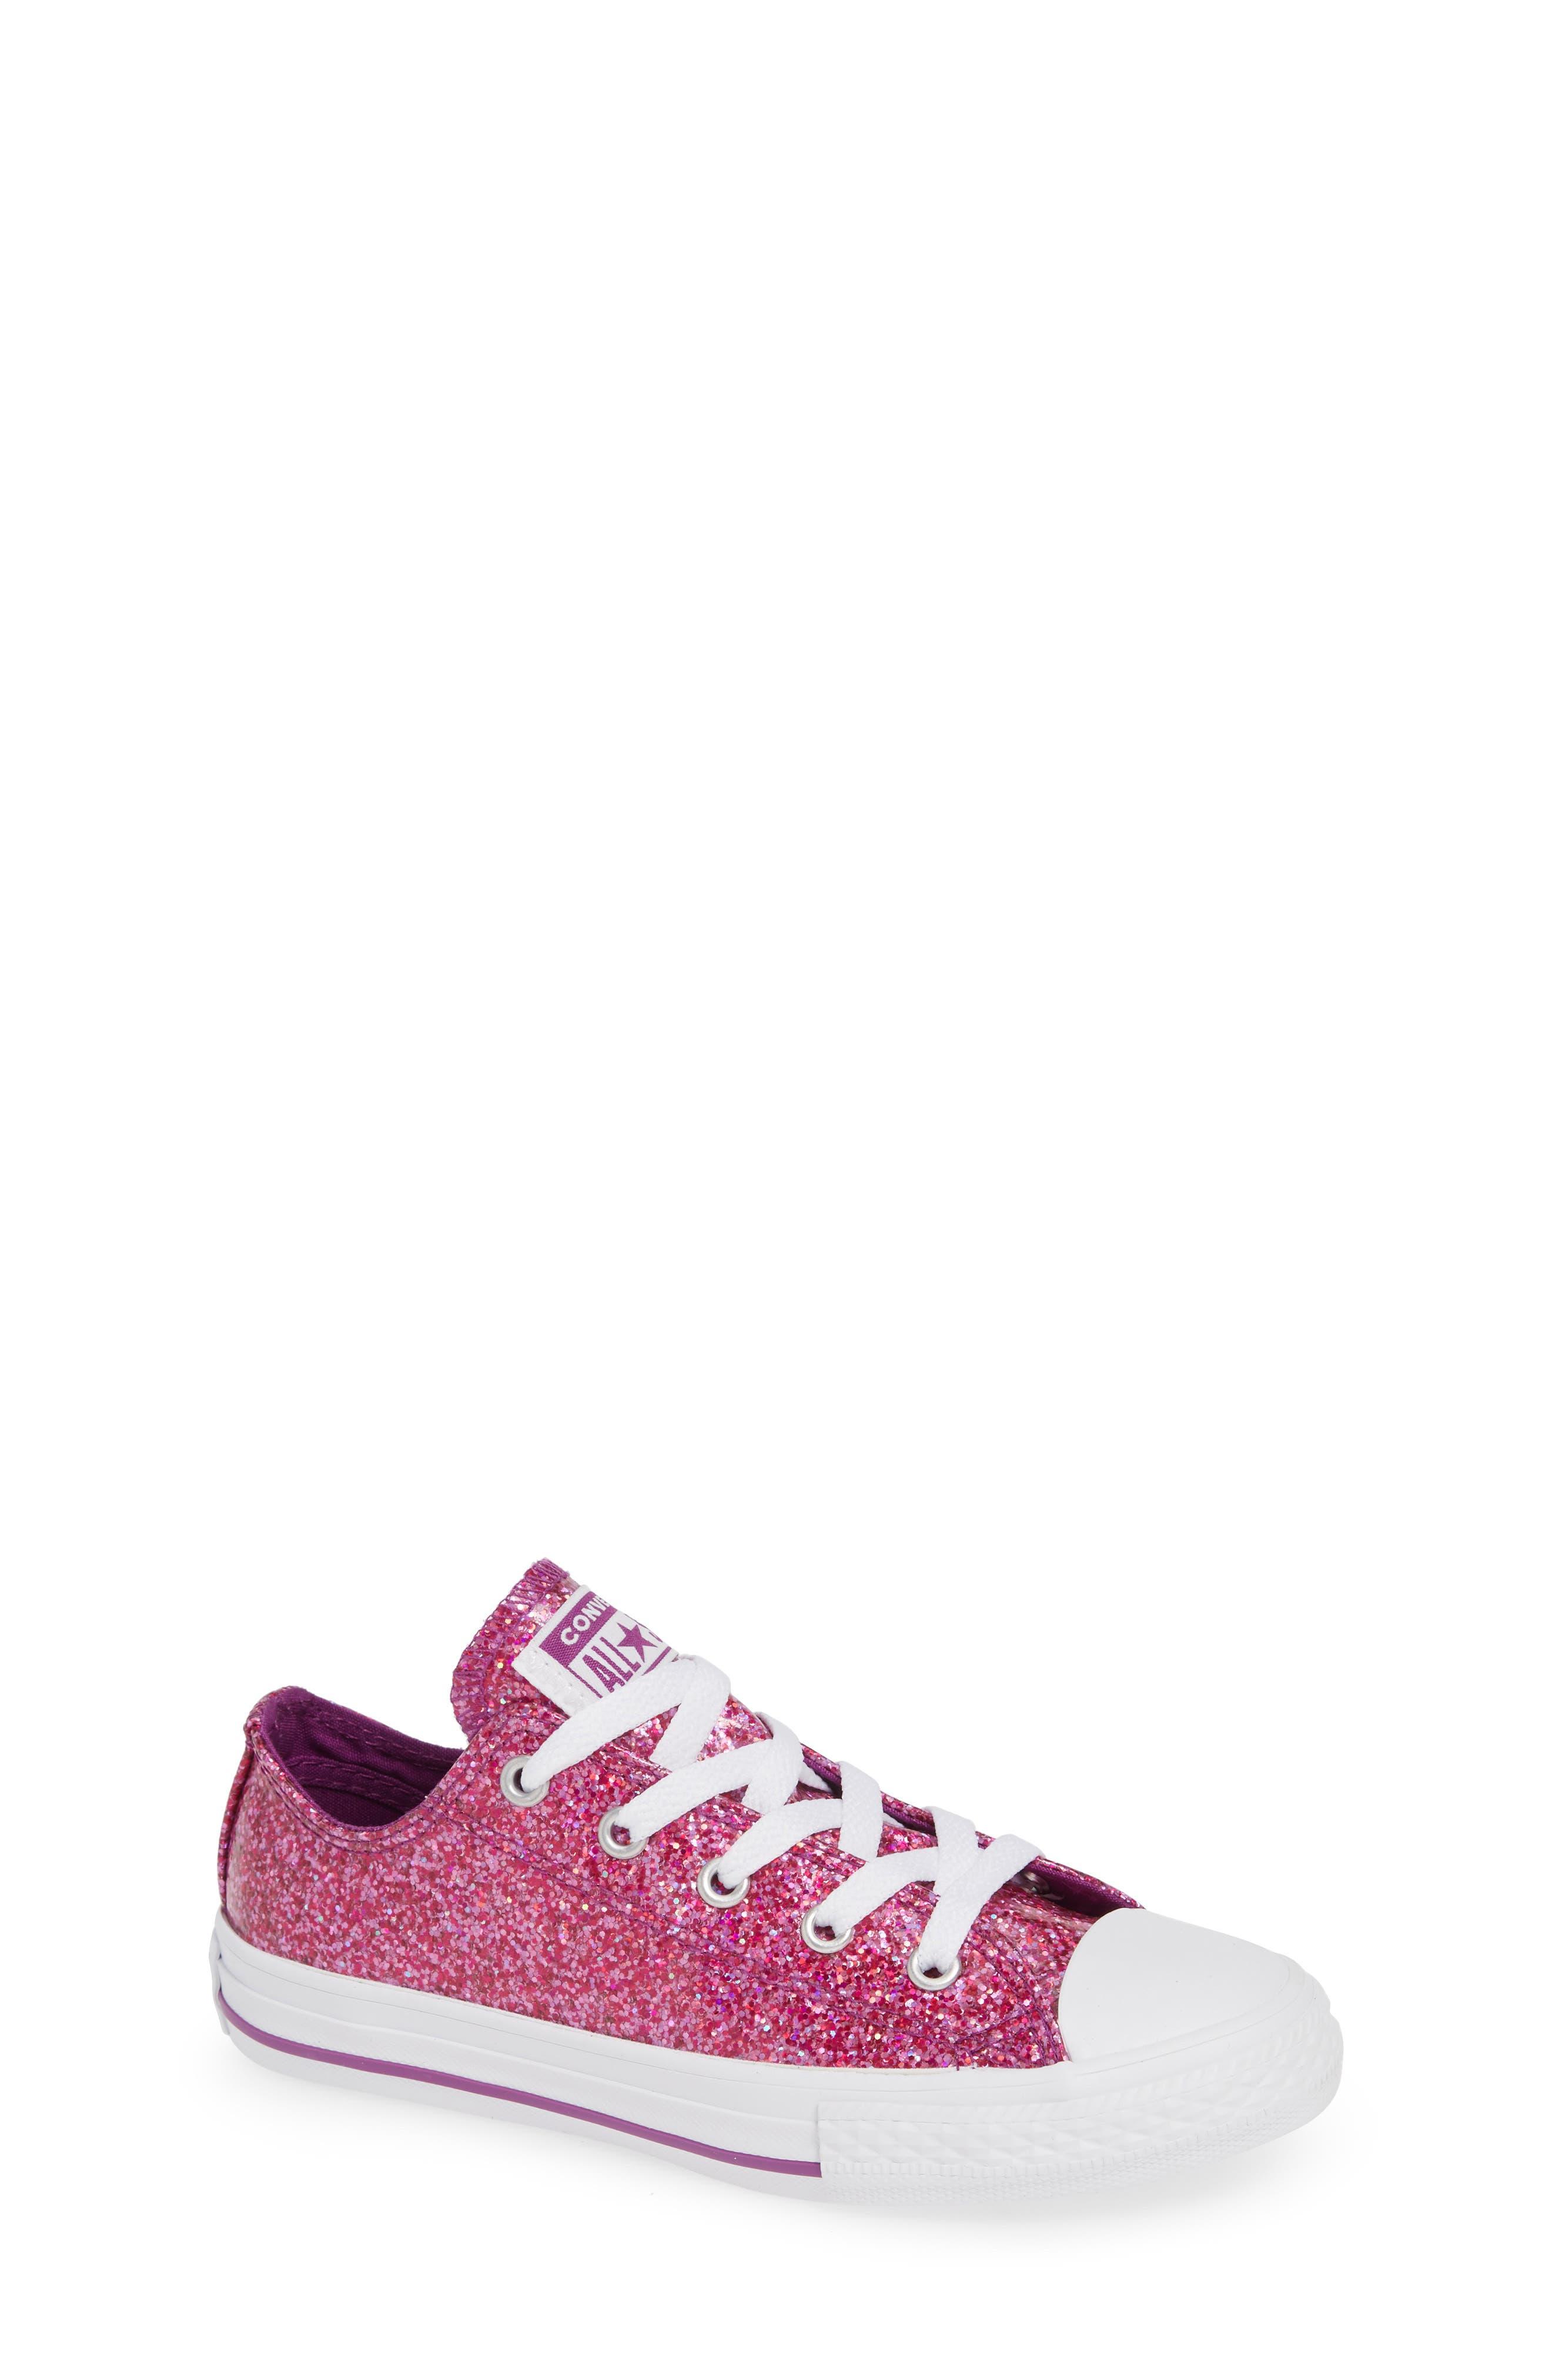 purple converse kids shoes